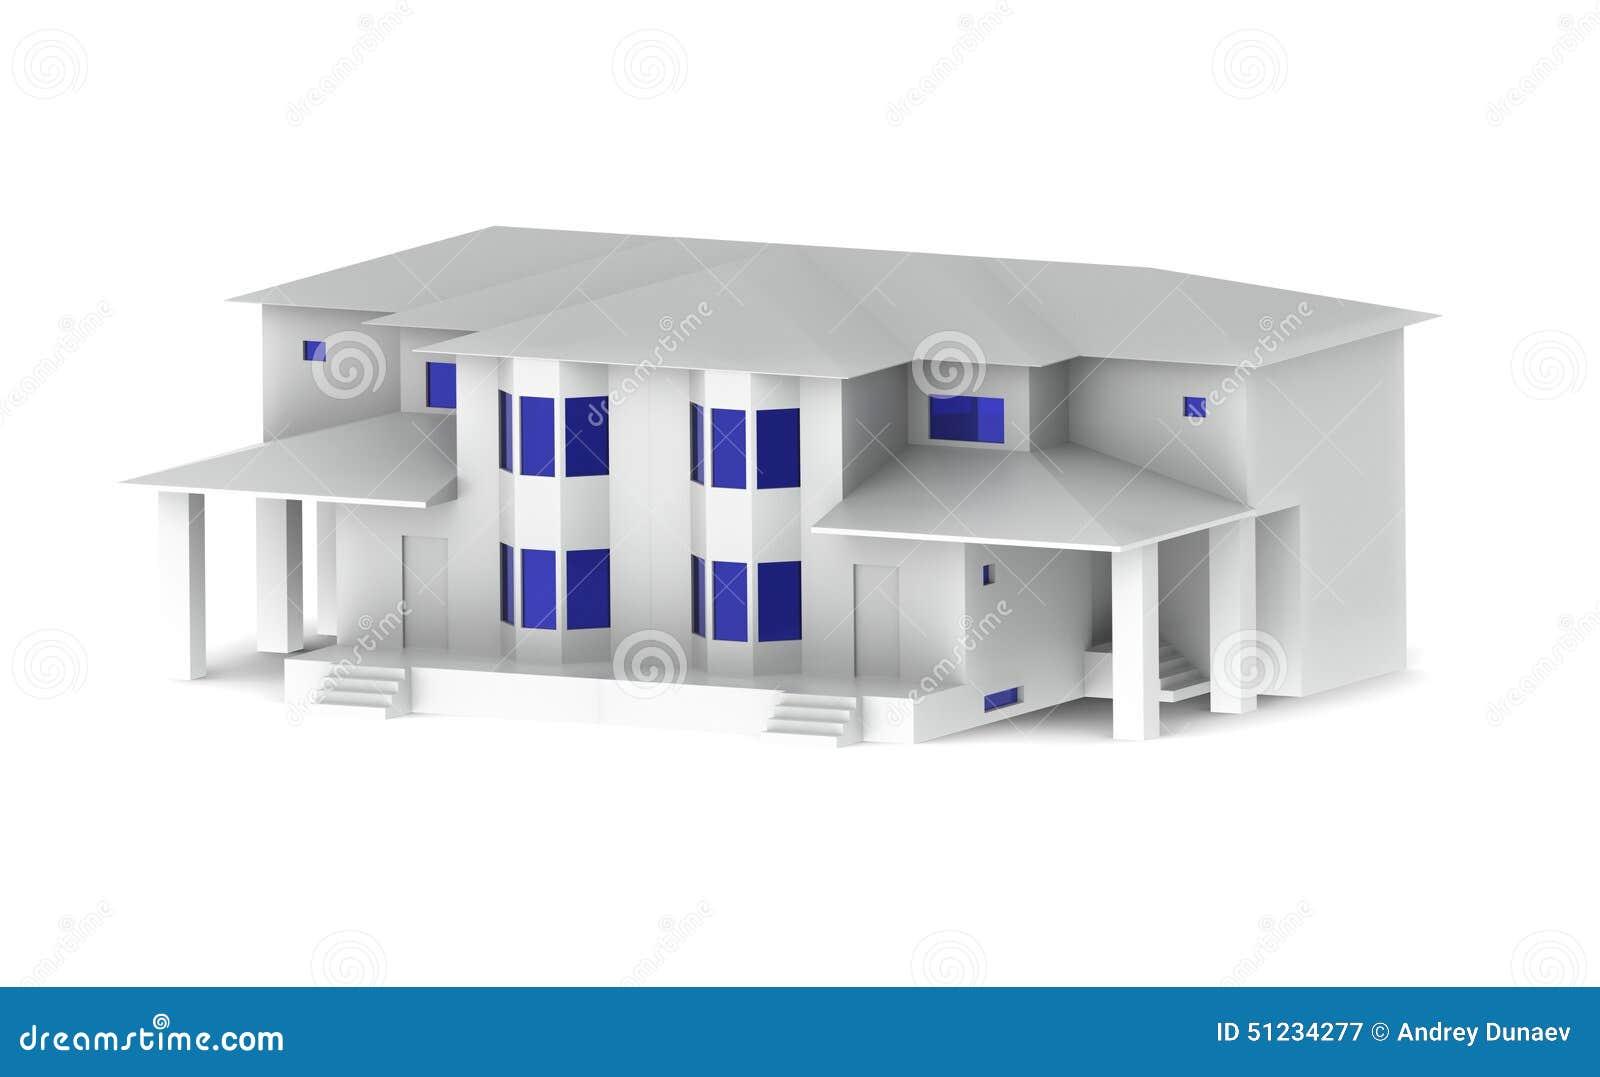 Mooi wit huis met blauwe vensters op een witte achtergrond stock illustratie beeld 51234277 - Mooi huis ...